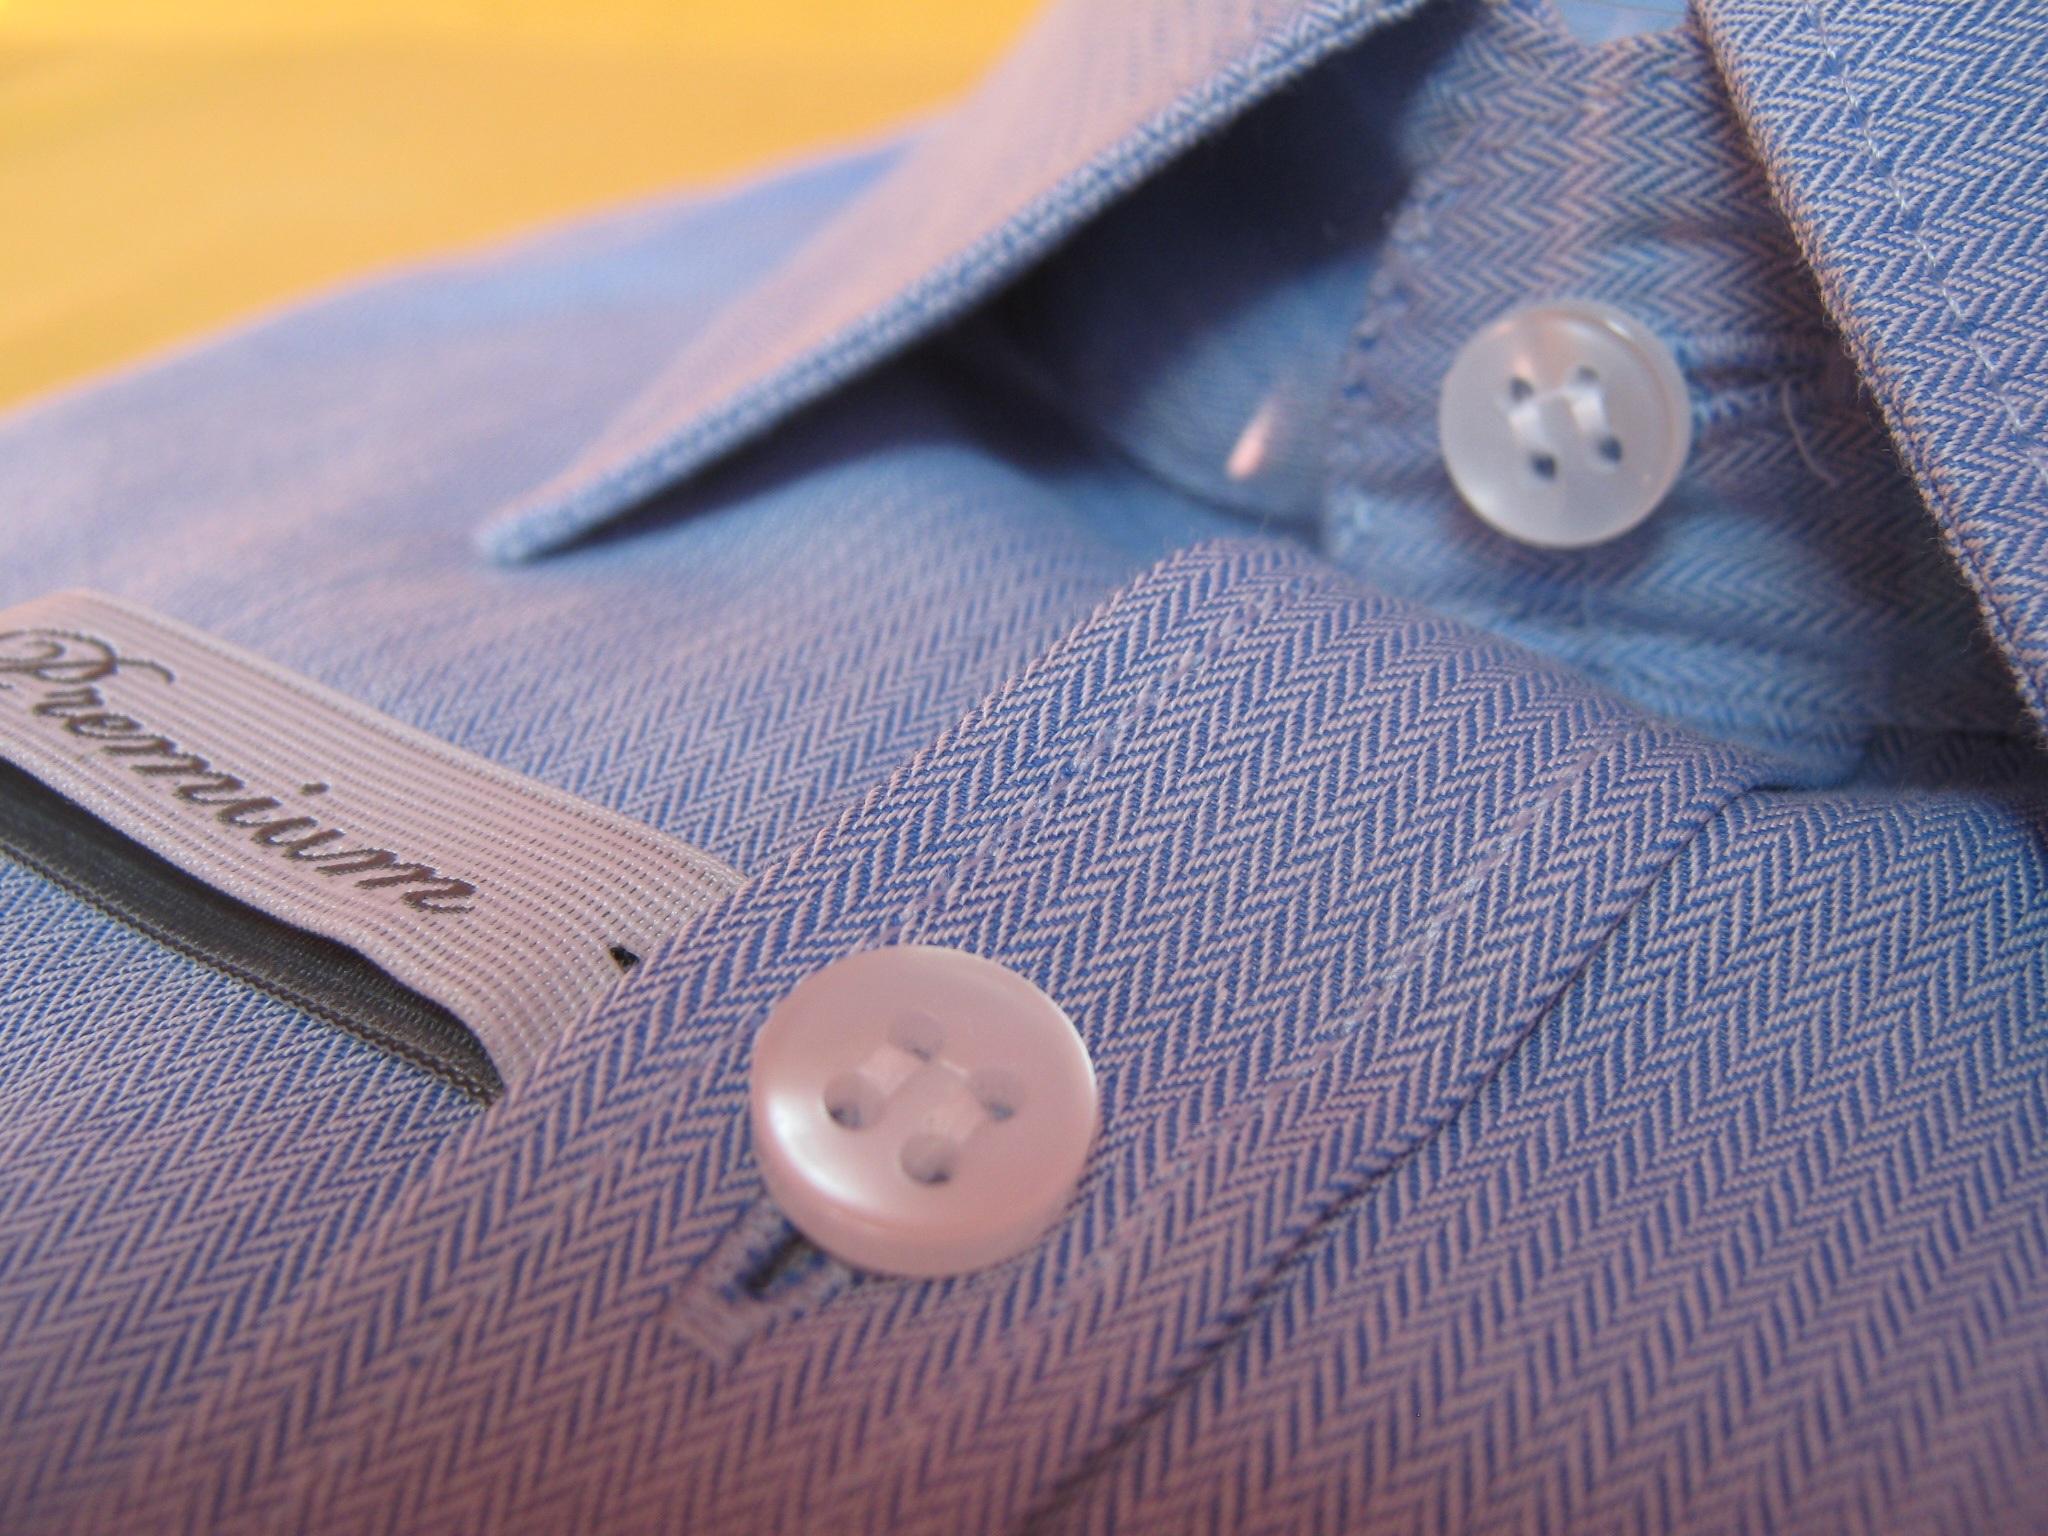 Free Images : pattern, shop, business, button, textile